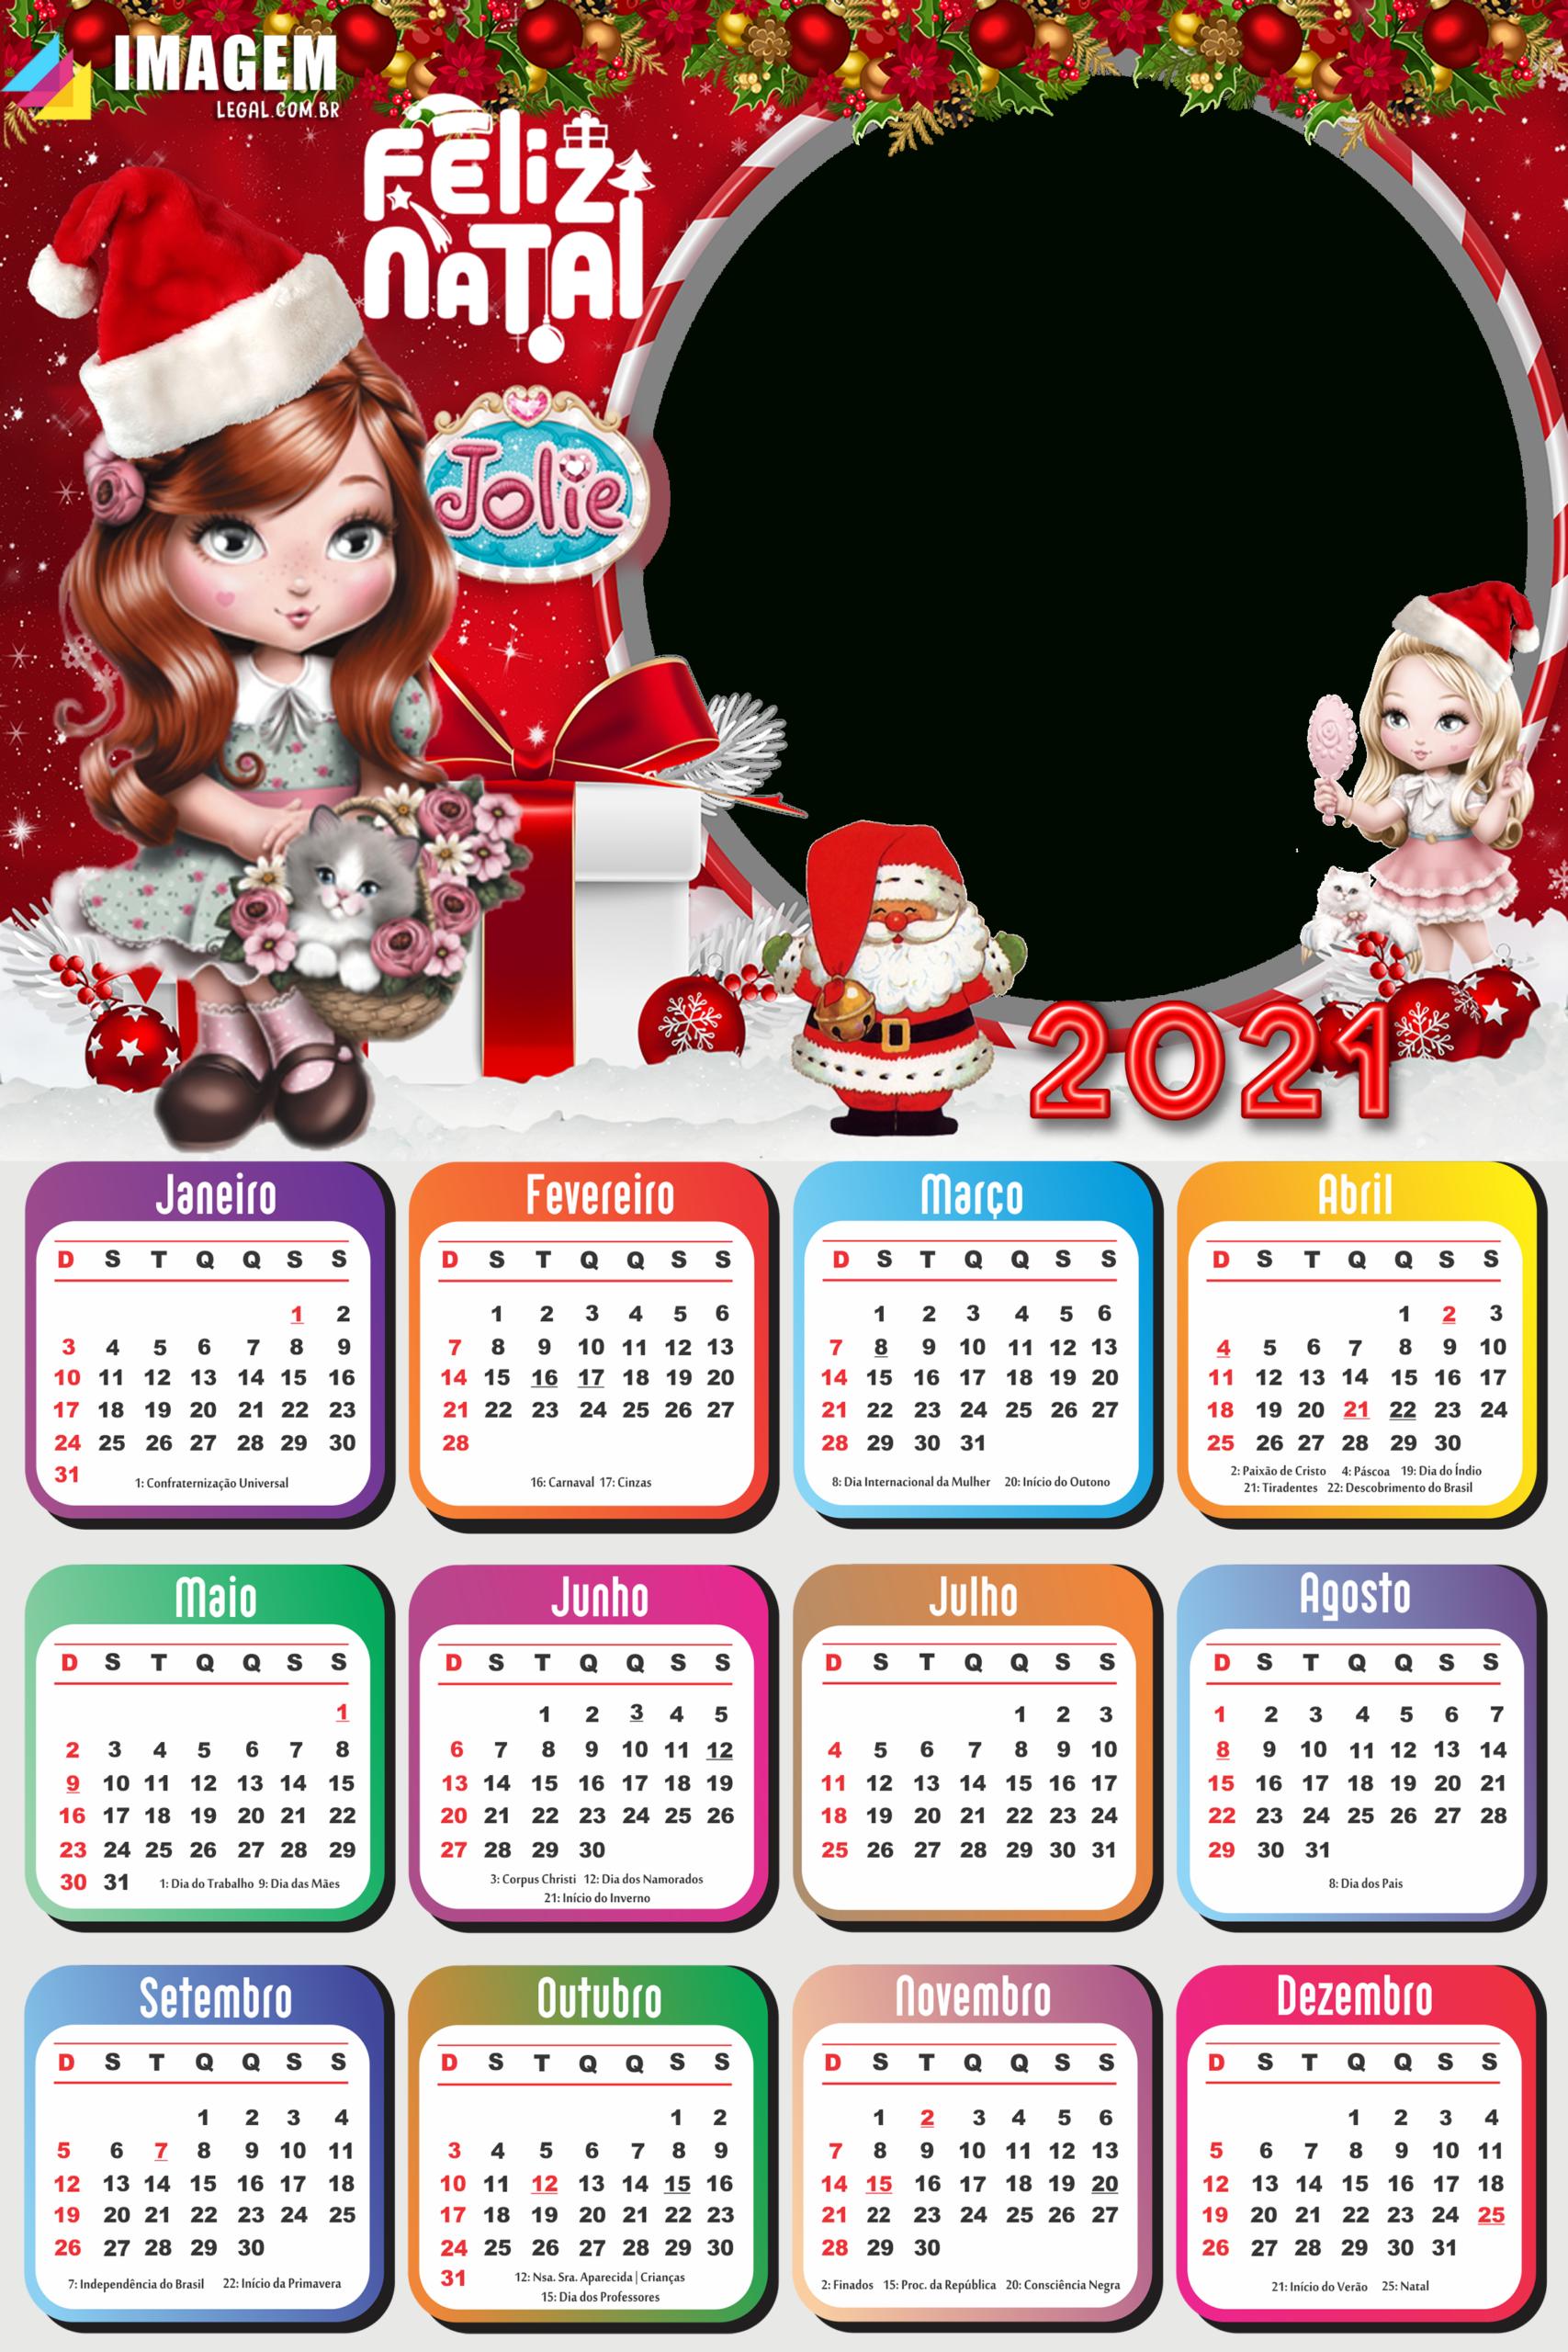 Calendário 2021 Png Feliz Natal Da Jolie | Imagem Legal